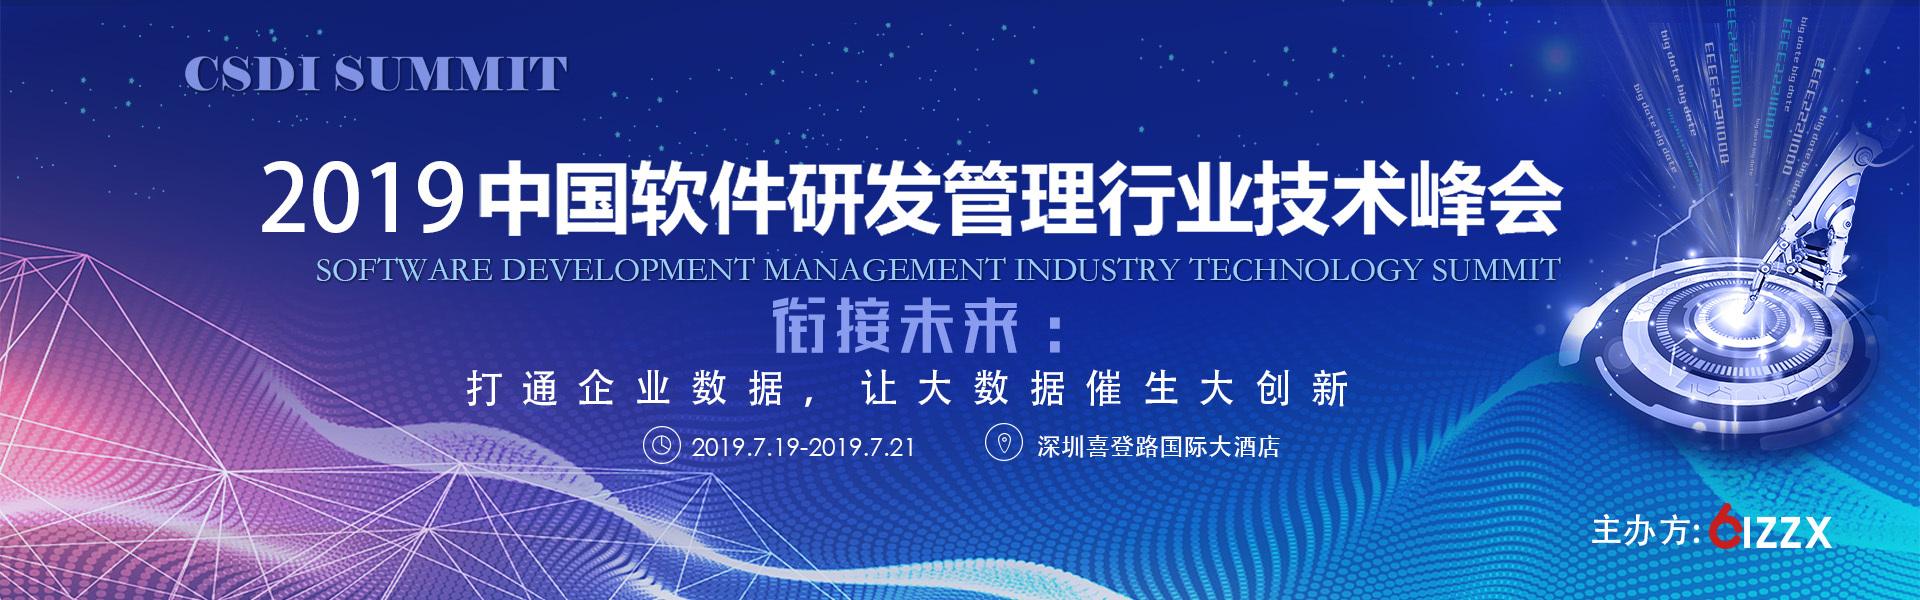 2019中国软件研发管理行业技术峰会